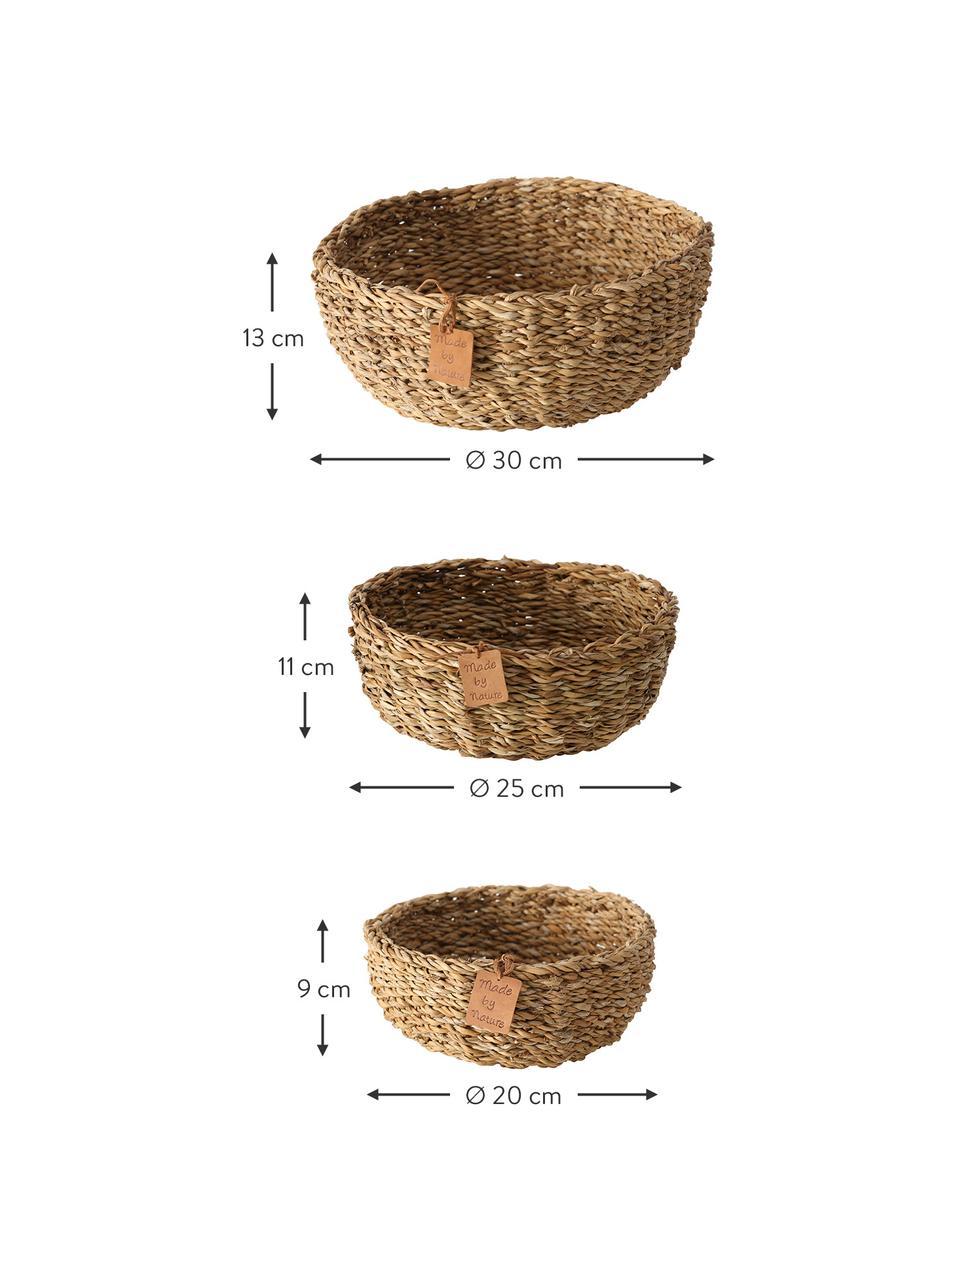 Komplet koszy do przechowywania z trawy morskiej Sophy, 3 elem., Trawa morska, Beżowy, Komplet z różnymi rozmiarami